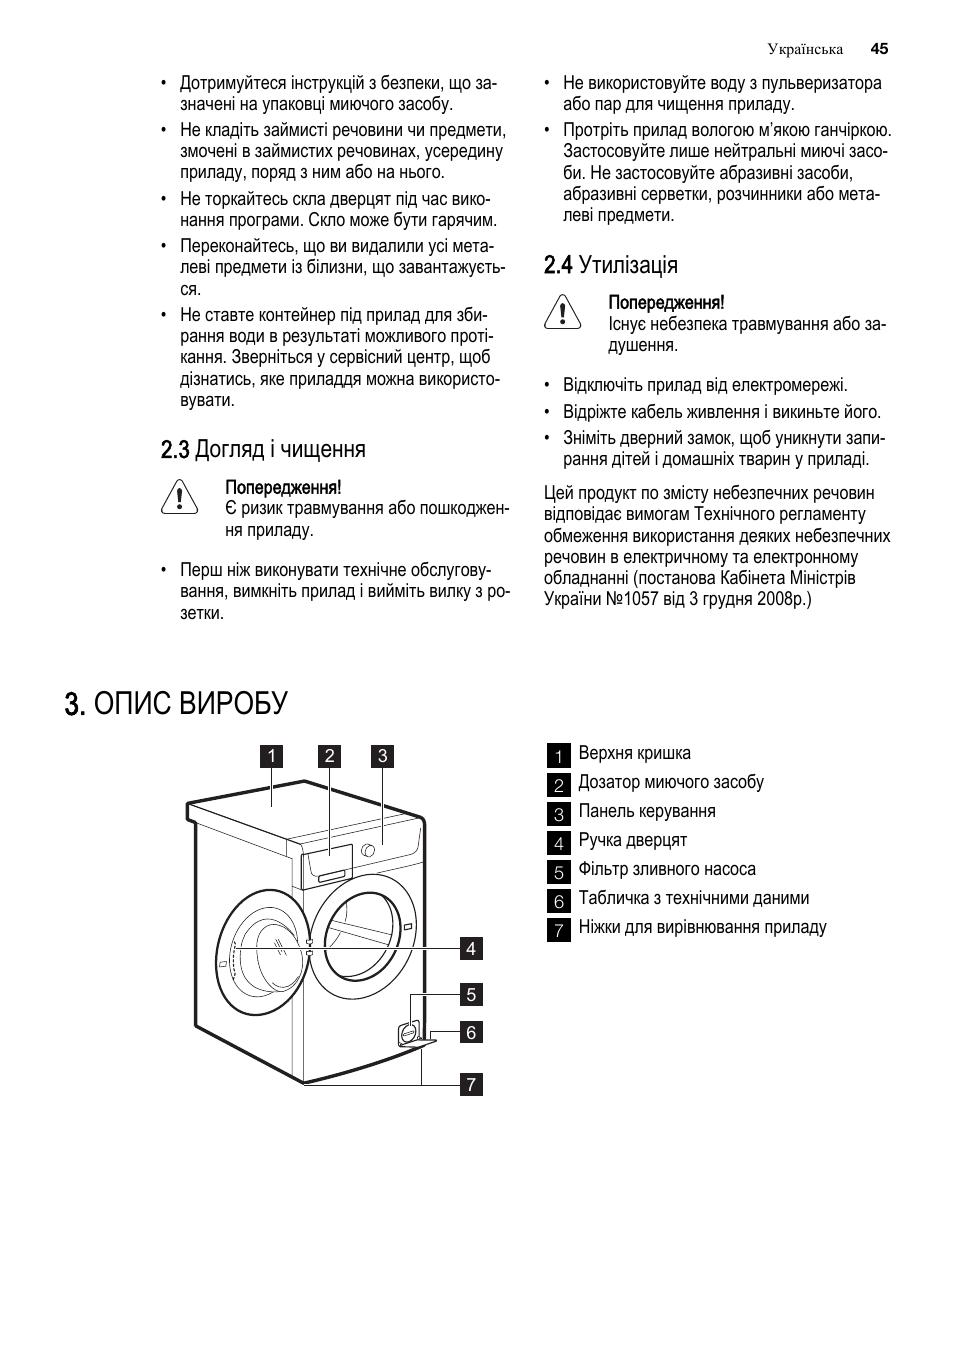 инструкция по применению к стиральной машине evgo ewa 3011s